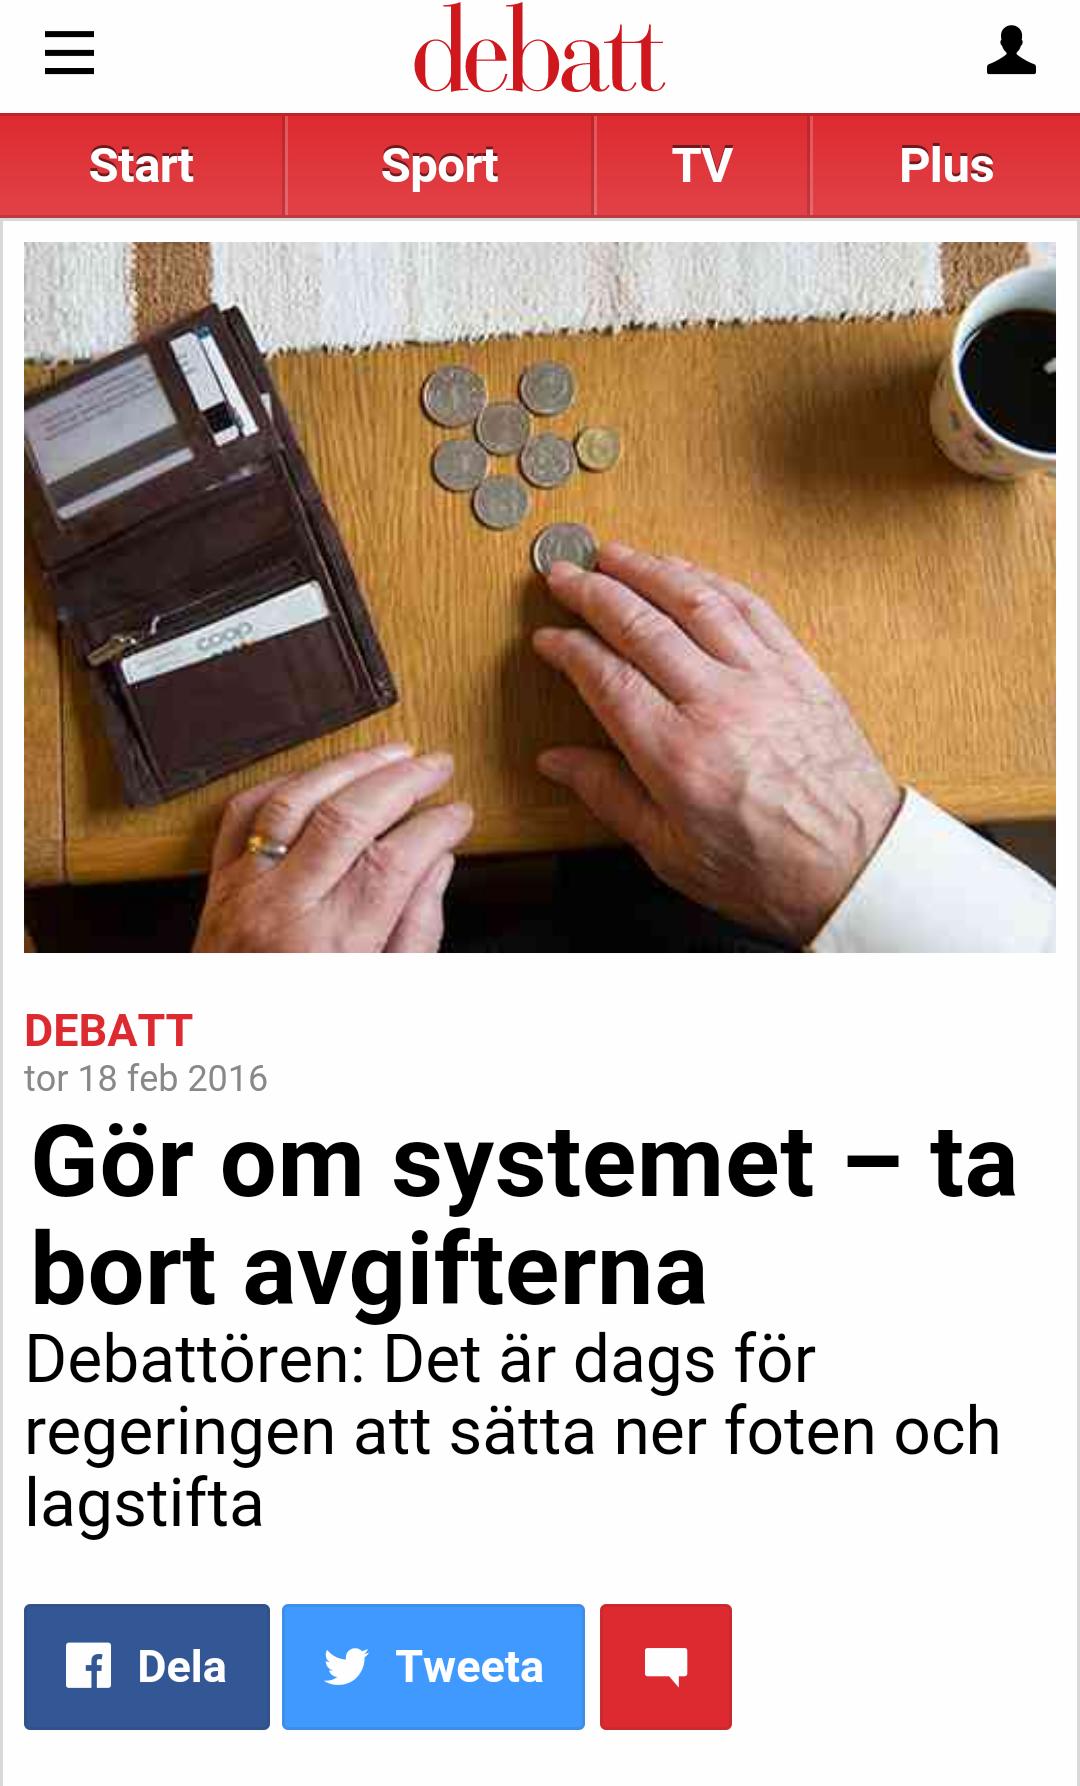 2016-02: Aftonbladet Debatt